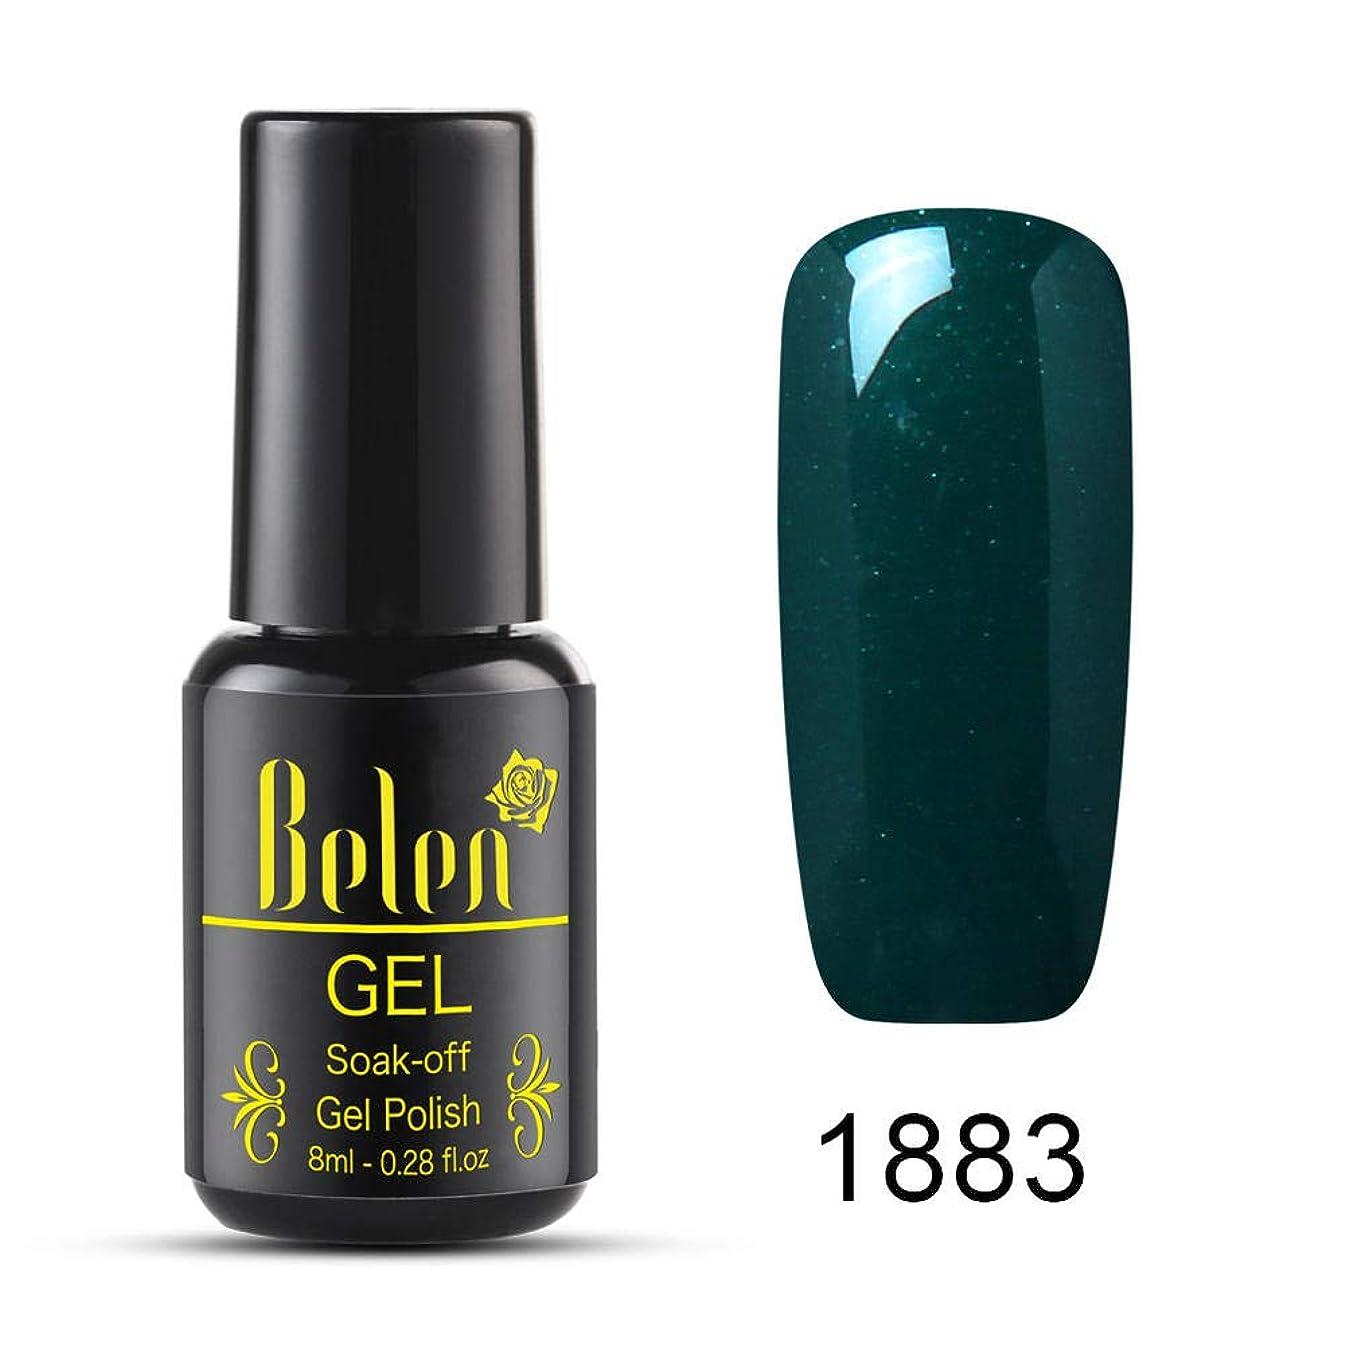 通行人広告語Belen ジェルネイル カラージェル 1色入り 8ml【全38色選択可】